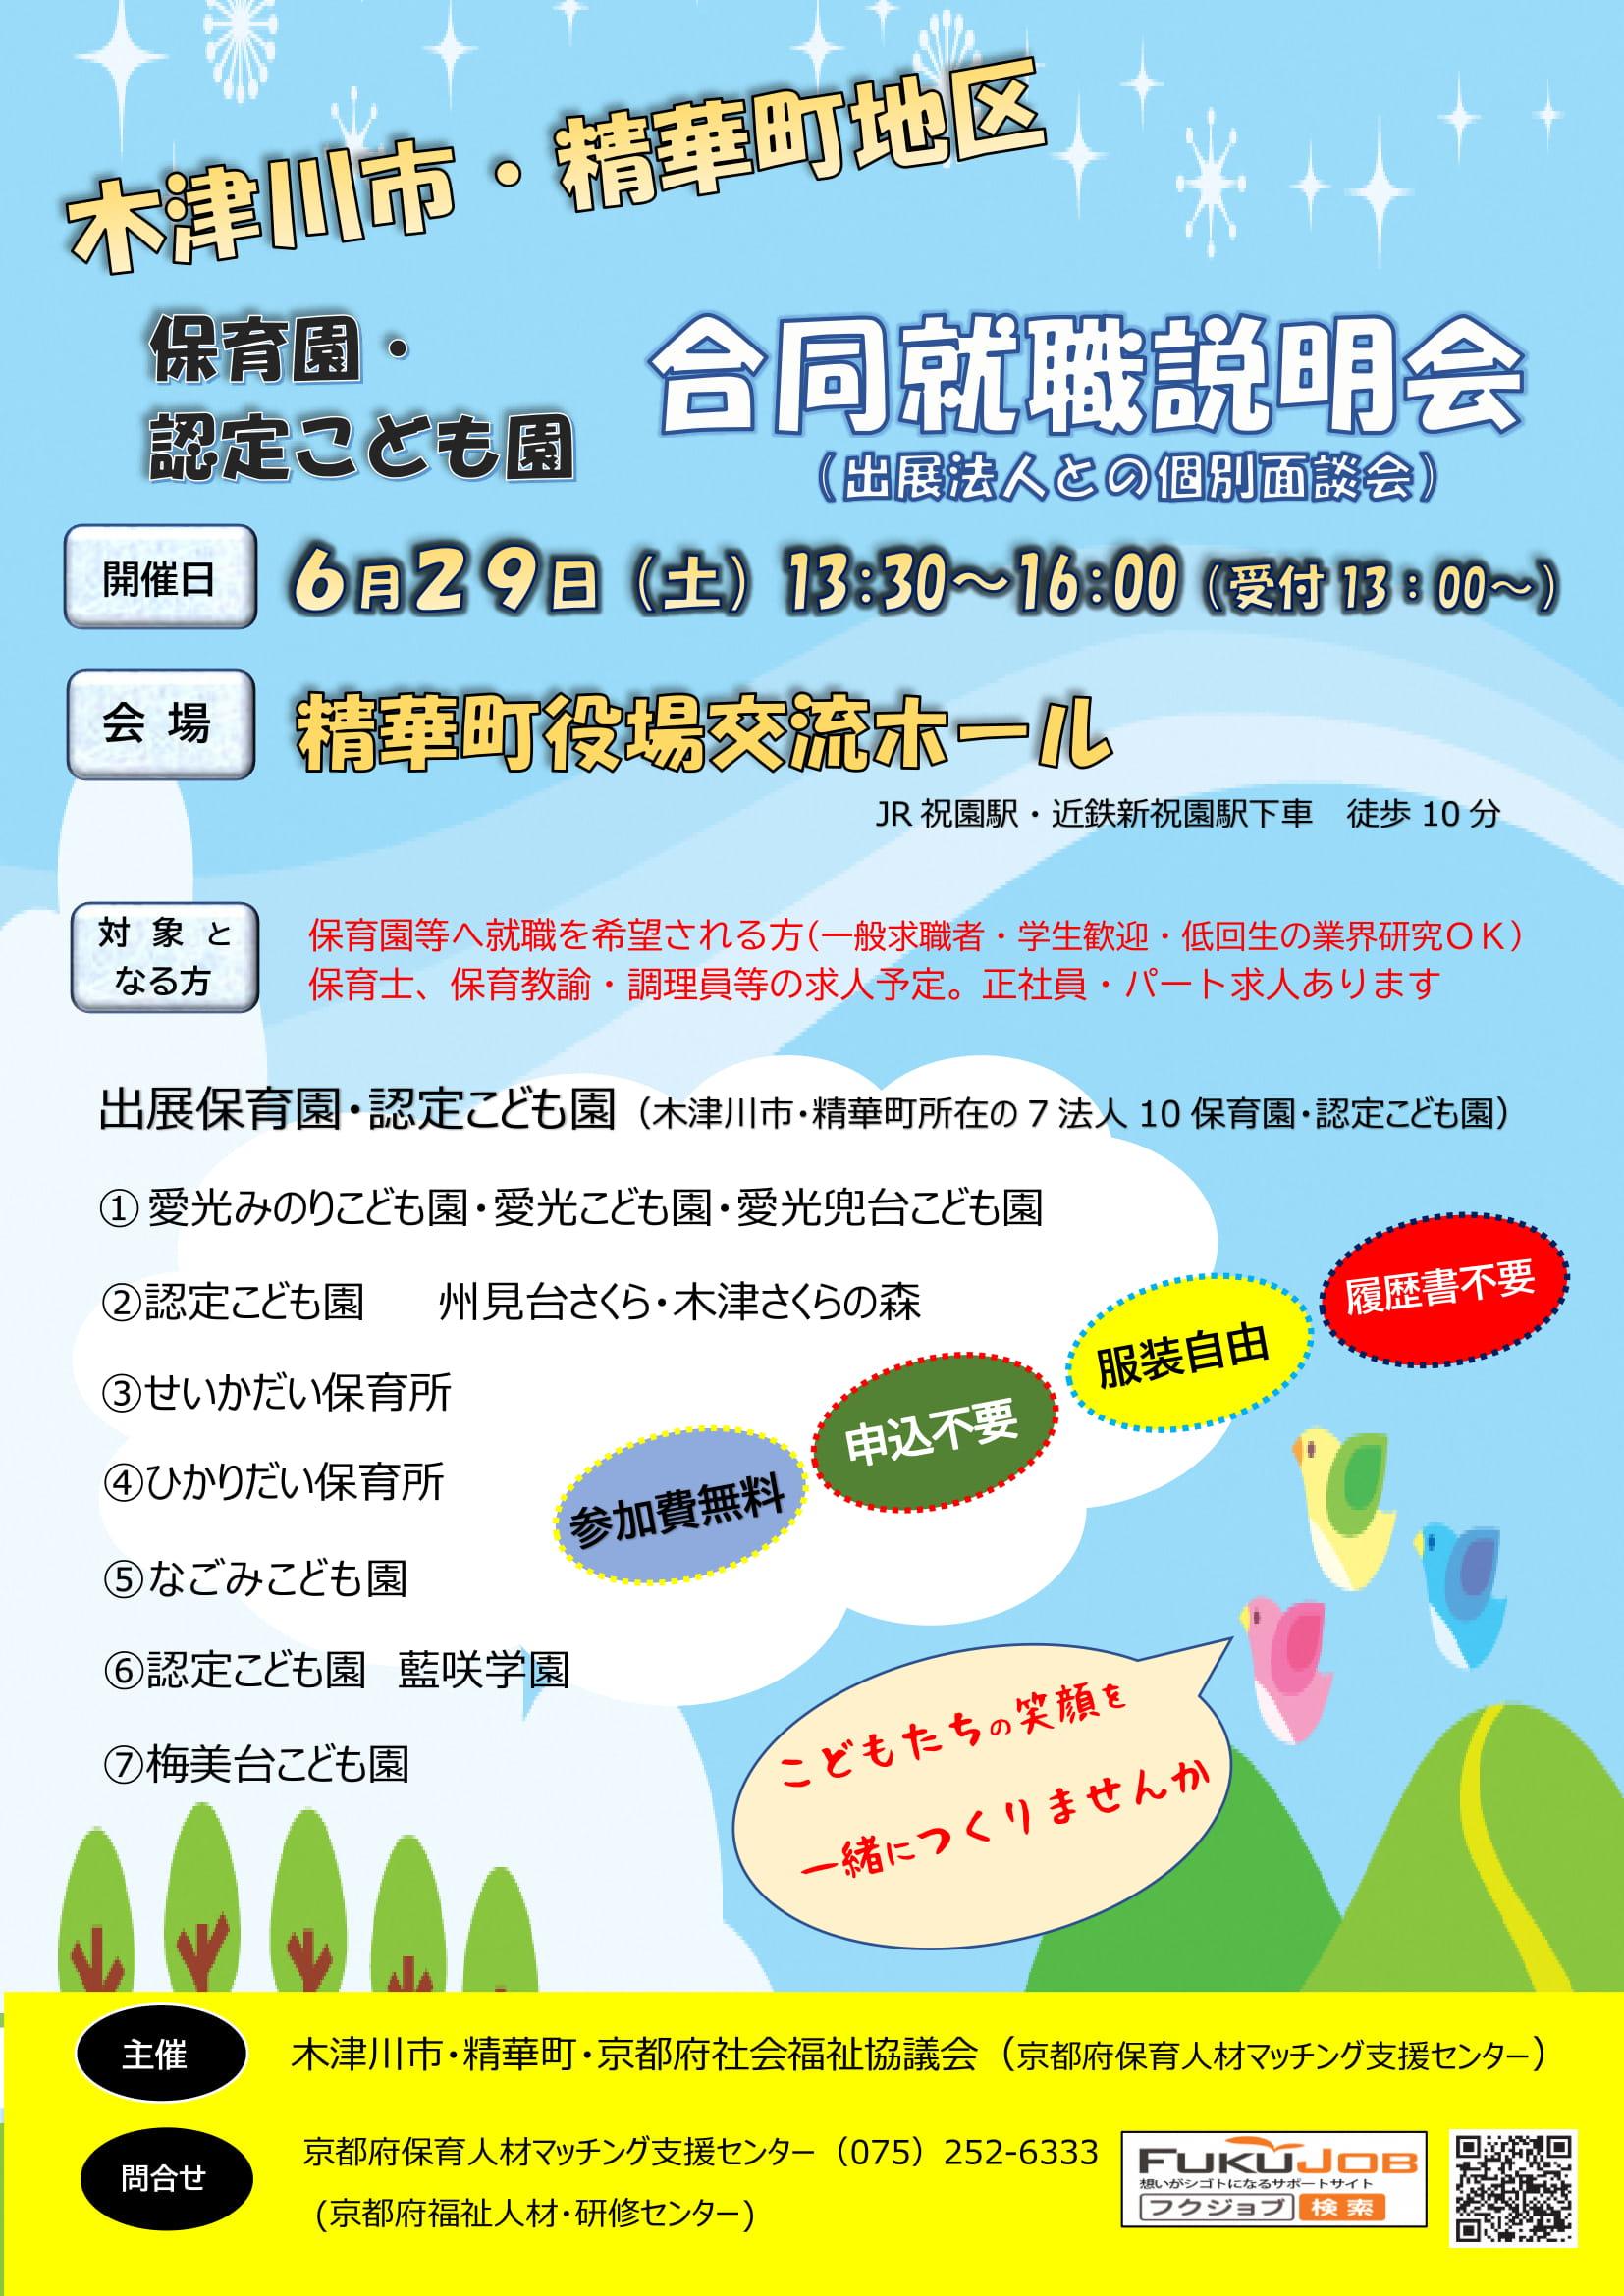 【6月29日開催】木津川市・精華町地区 保育園・認定こども園合同就職説明会